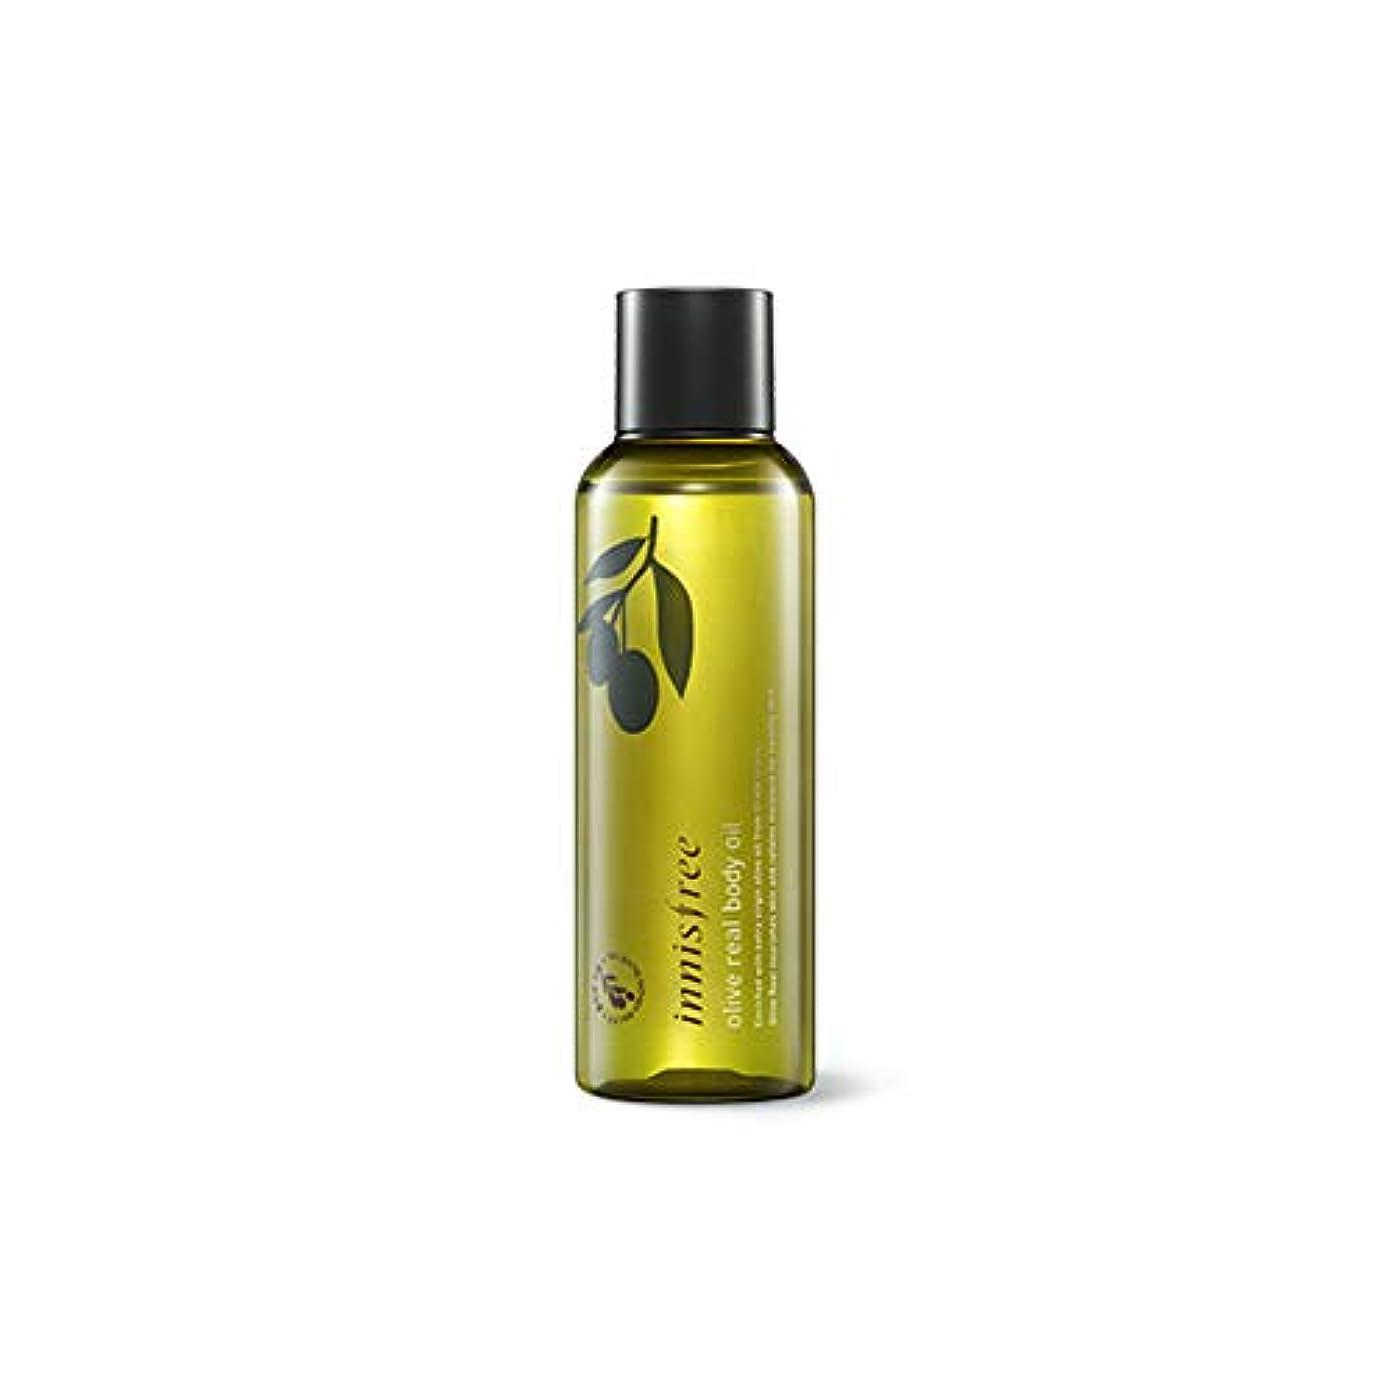 アラート情熱的うまイニスフリー Innisfree オリーブリアルボディーオイル(150ml) Innisfree Olive Real Body Oil(150ml) [海外直送品]